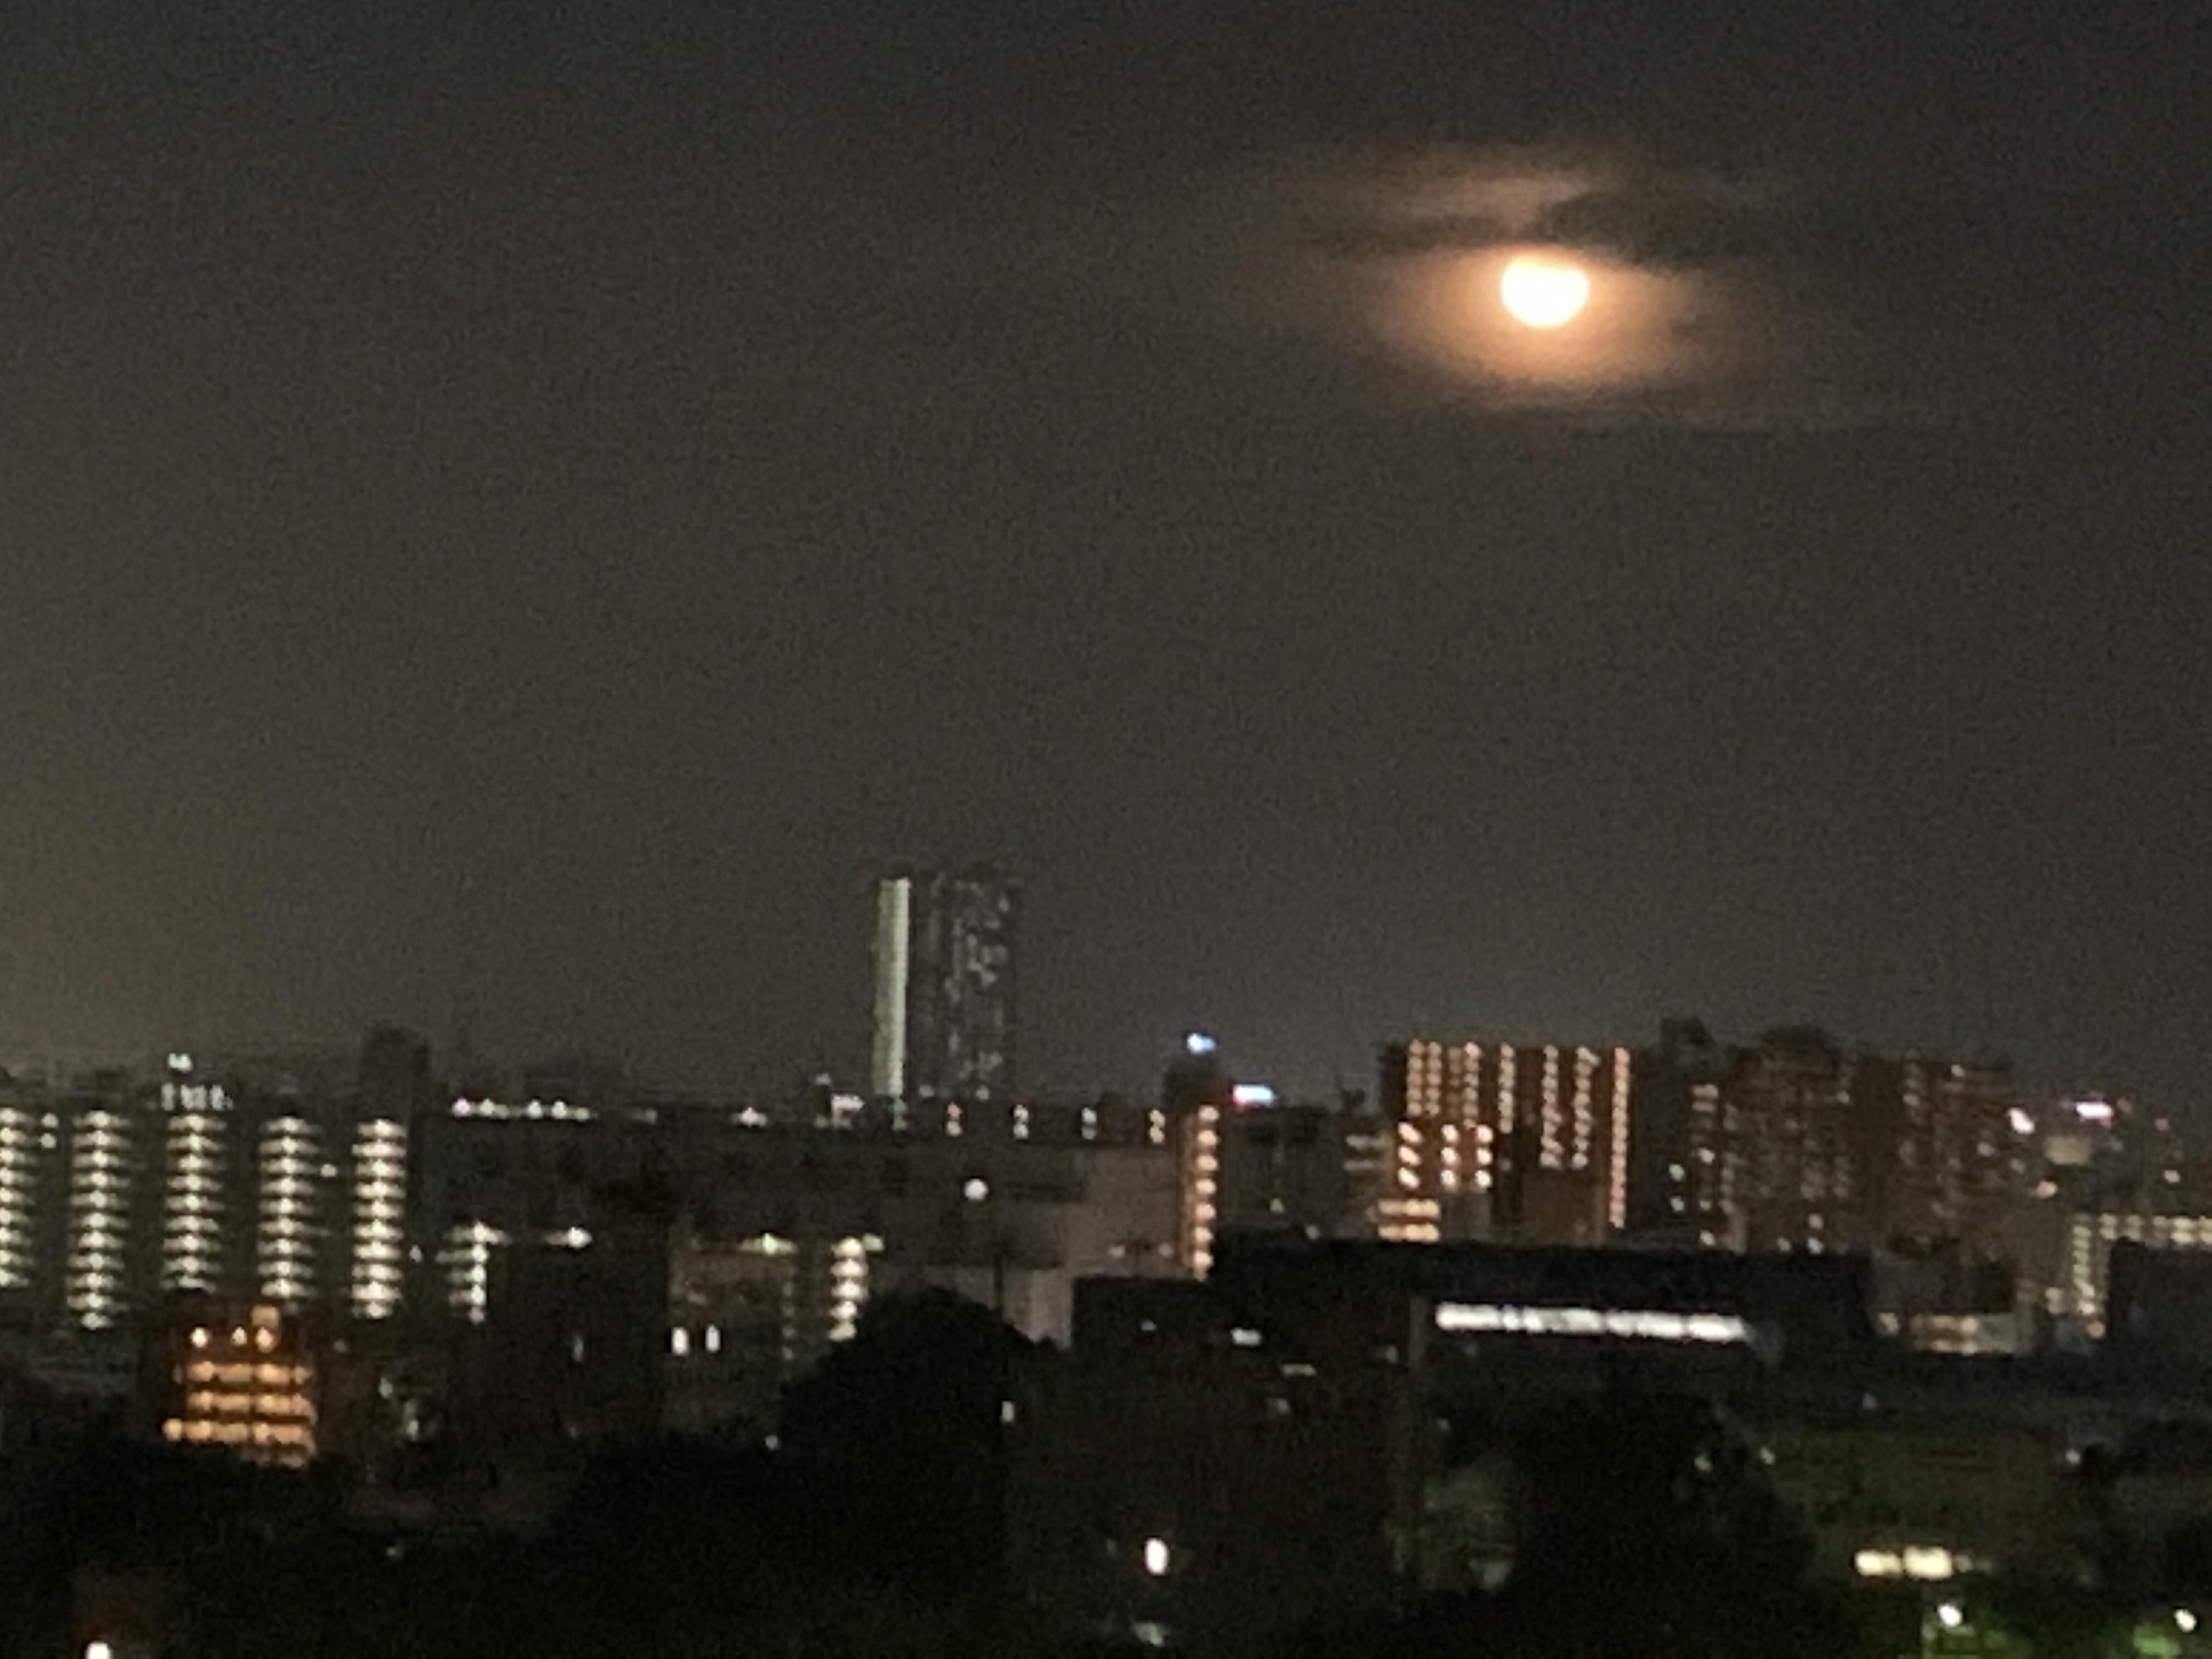 満月見ながら楽しいお遊び🎶